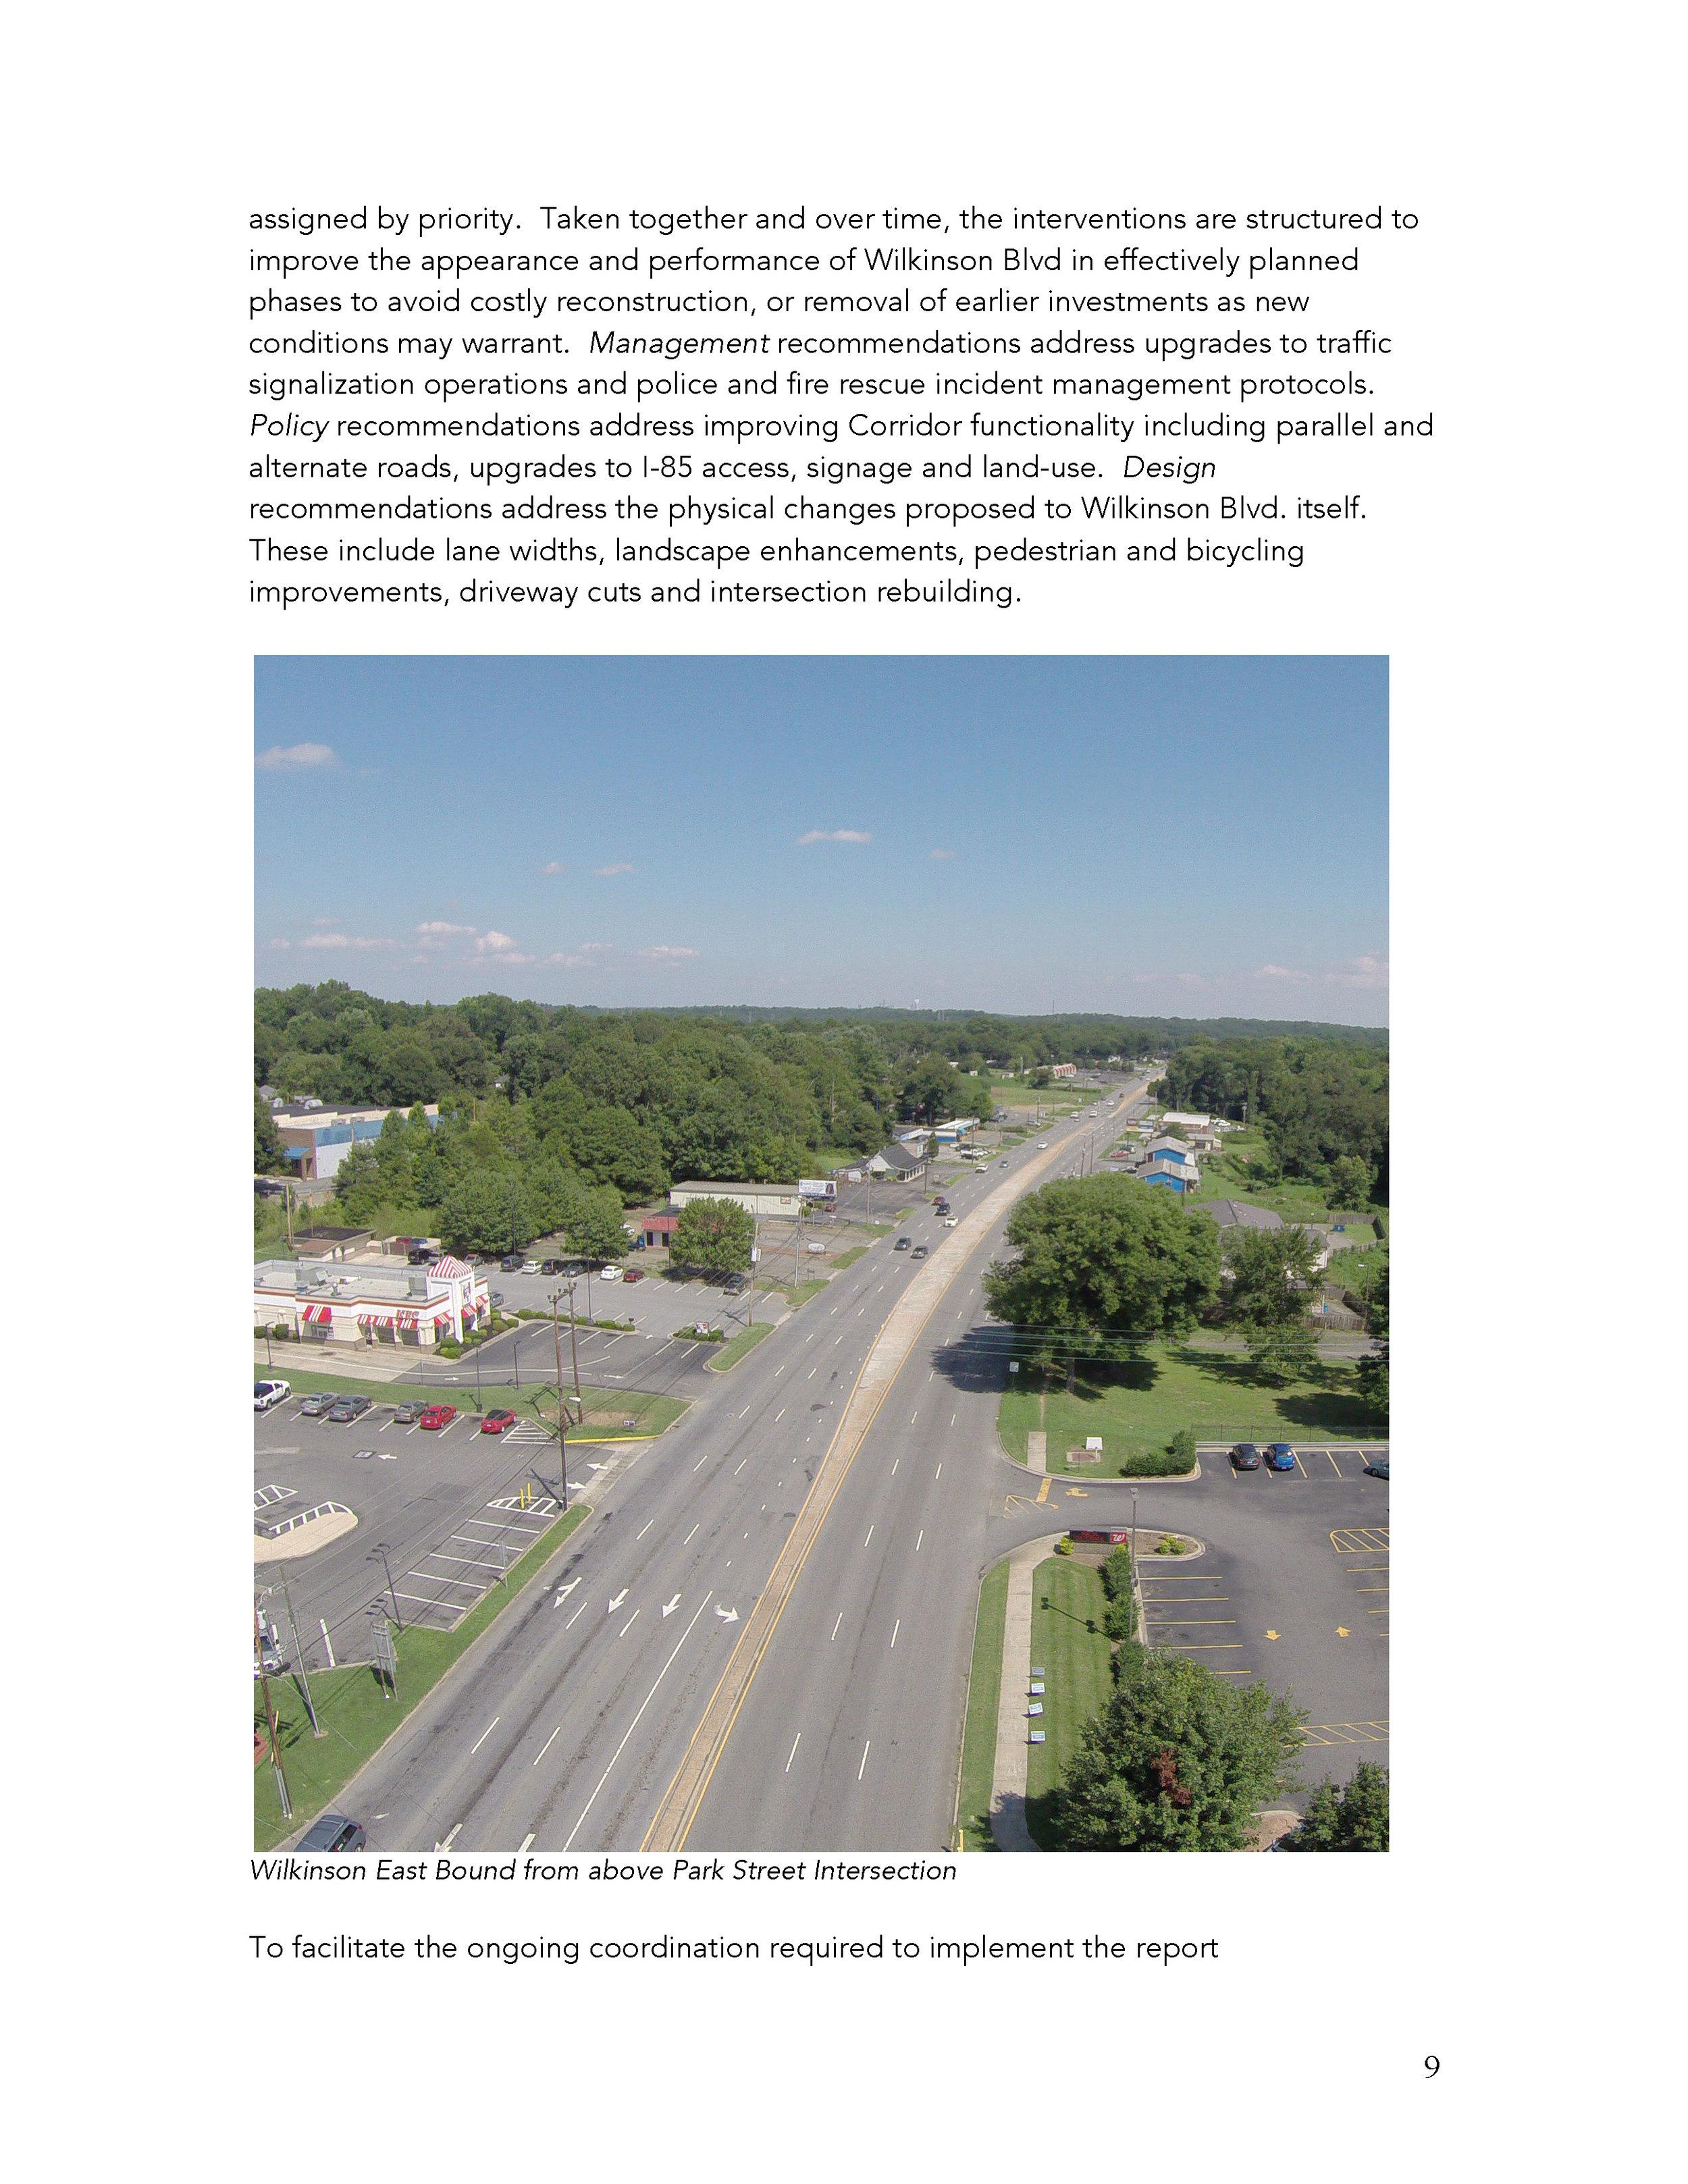 1 WilkinsonBlvd Draft Report 1-22-15 RH_Peter Edit_Page_09.jpg